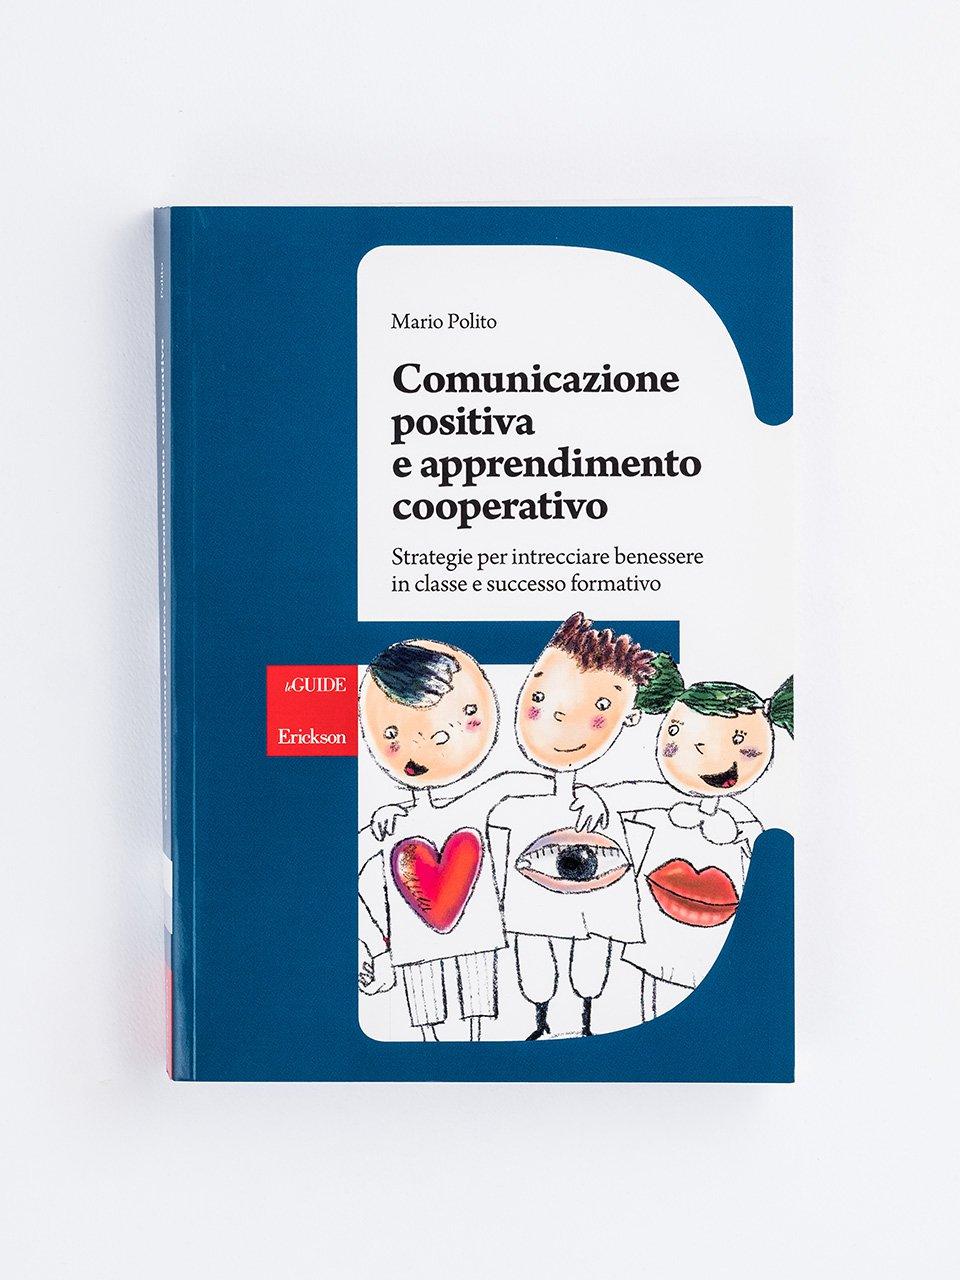 Comunicazione positiva e apprendimento cooperativo - Organizzare i gruppi cooperativi - Libri - Erickson